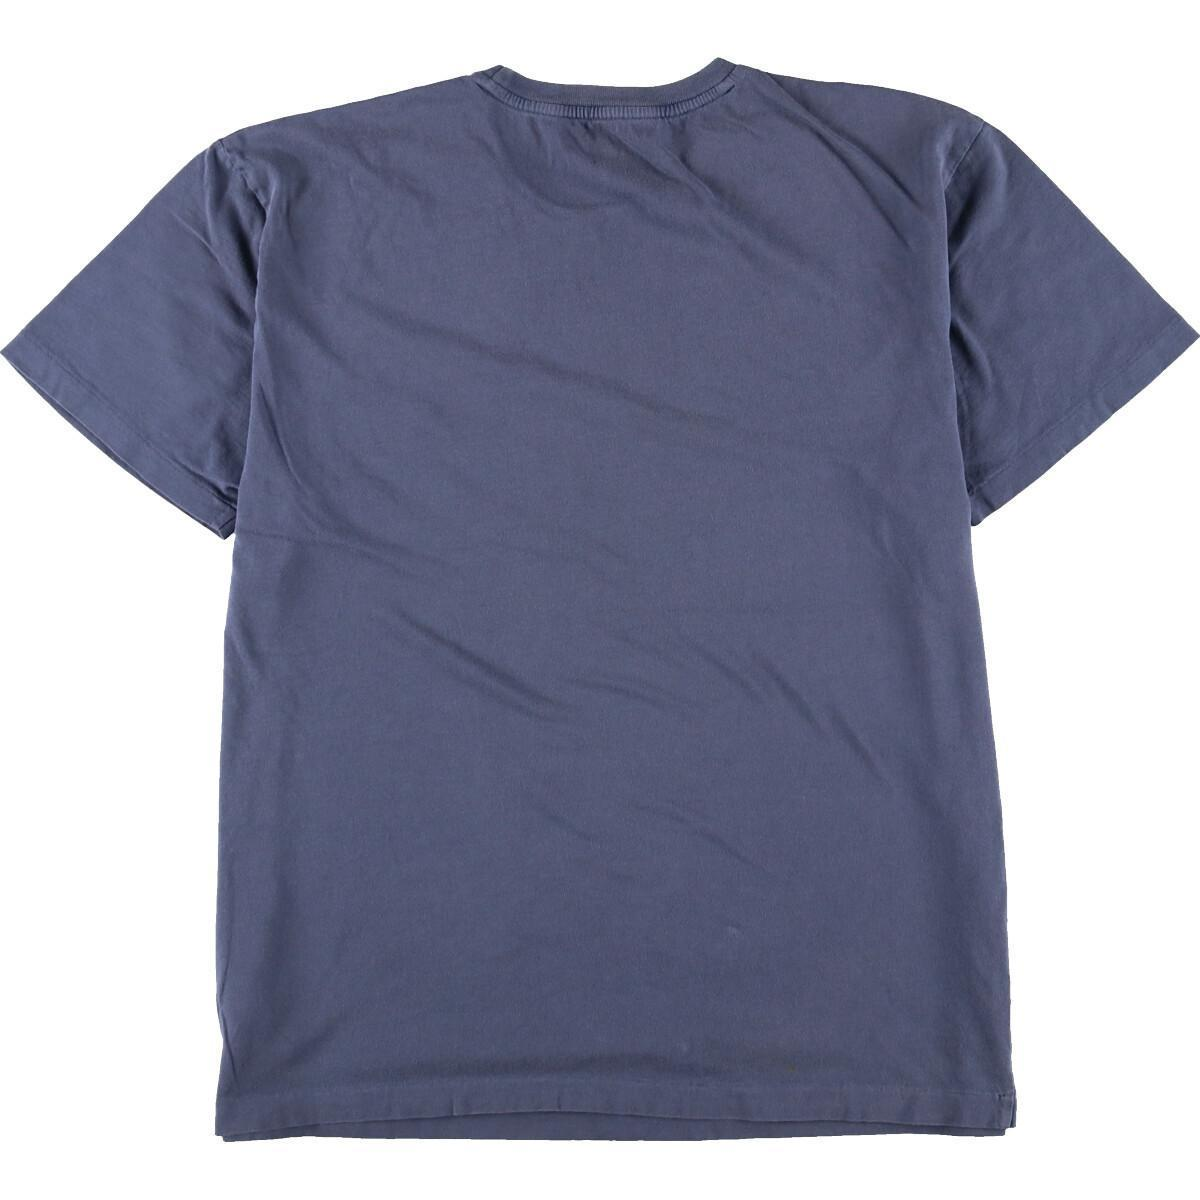 ラルフローレン Ralph Lauren POLO by Ralph Lauren 半袖 ワンポイントロゴポケットTシャツ メンズL /eaa168349_画像2